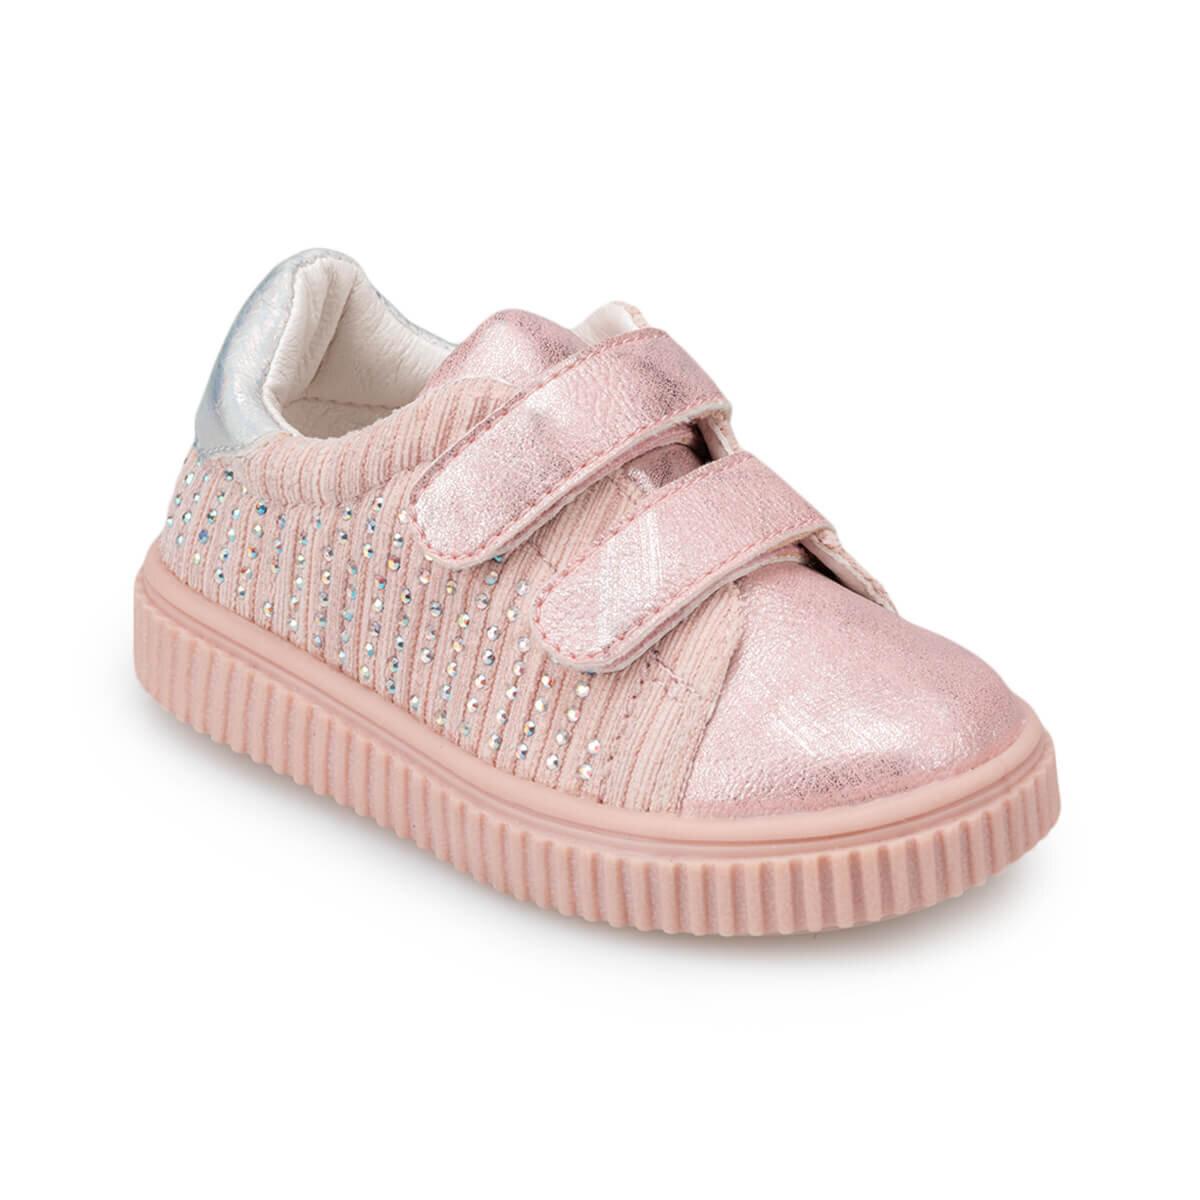 PUDRA Kız Çocuk Ayakkabı